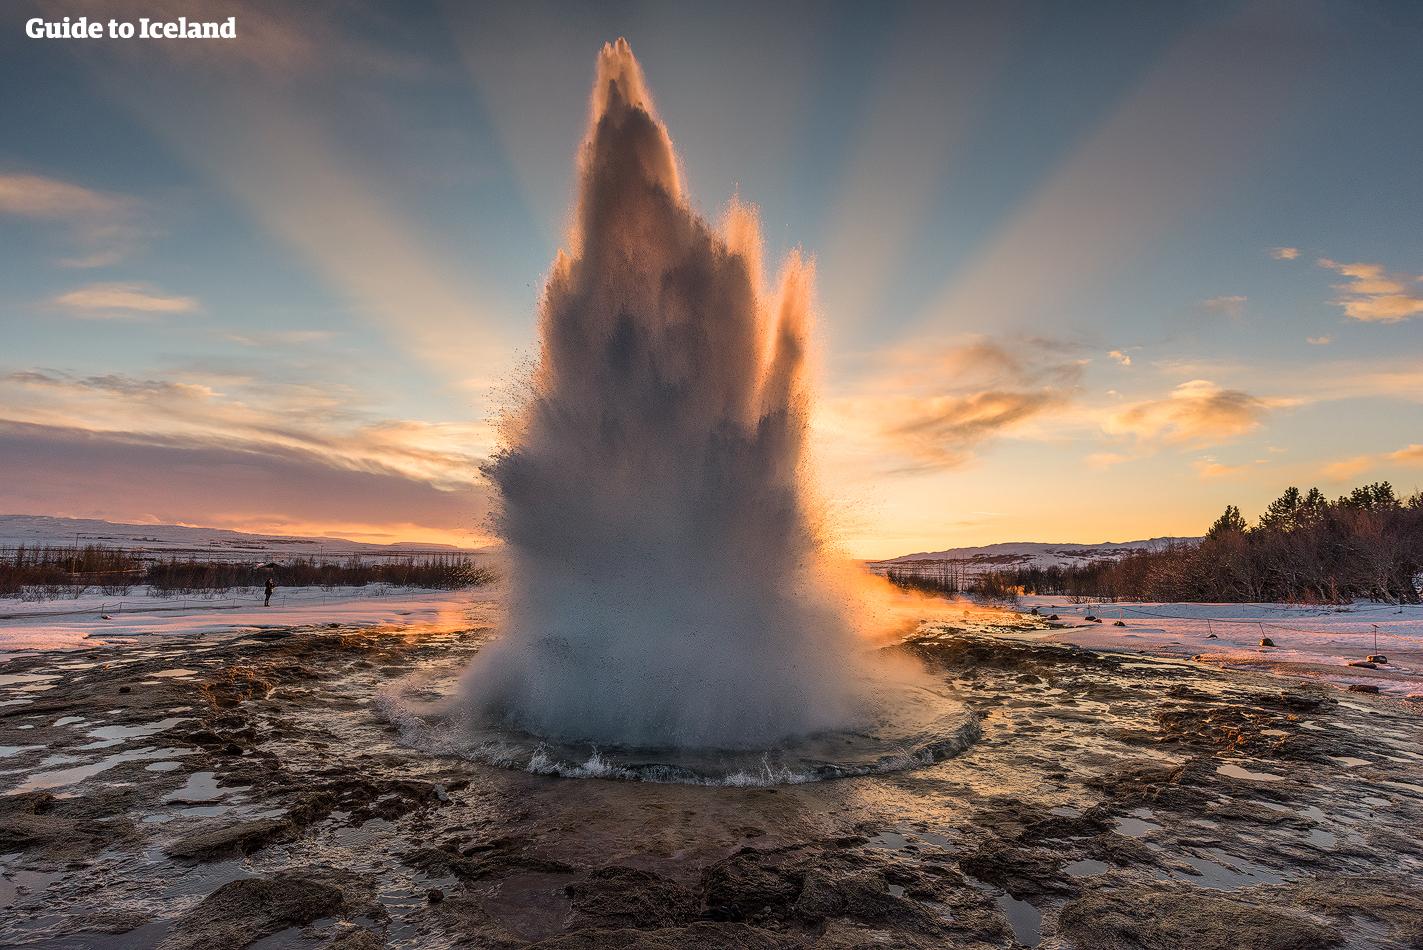 アイスランド旅行のベストシーズンはいつ?